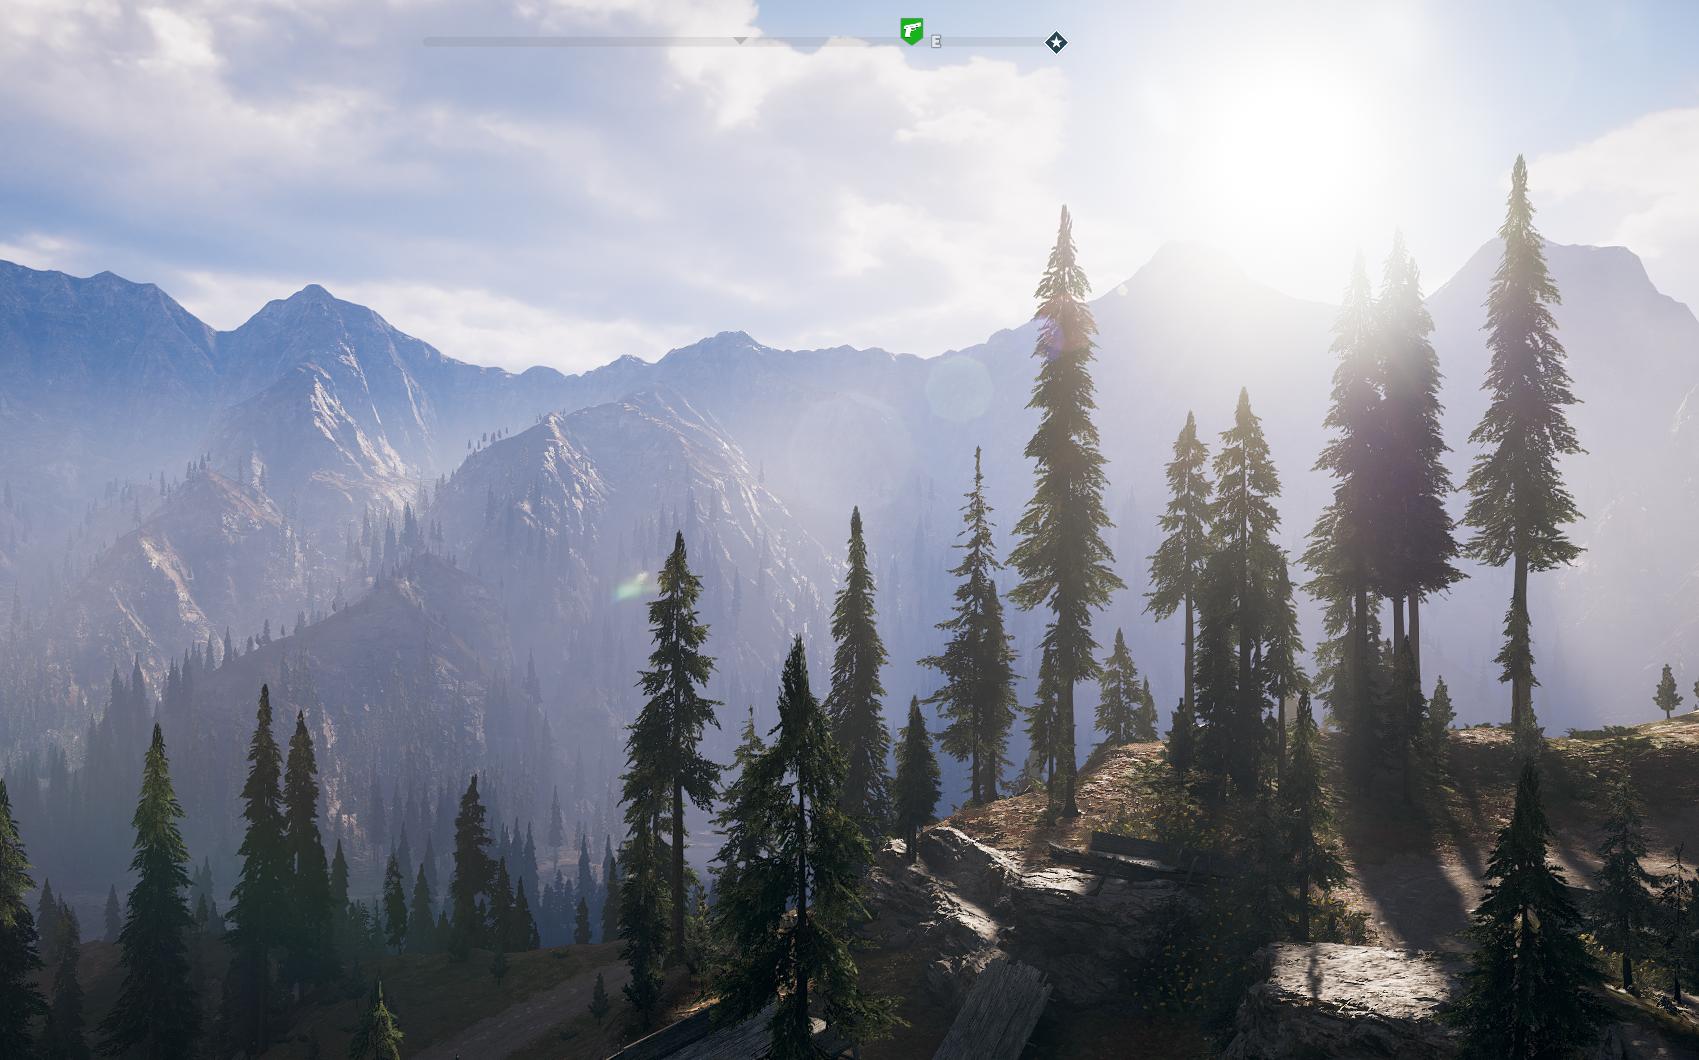 Architektura w Far Cry 5 – życie preppersa w Górach Whitetail – część II